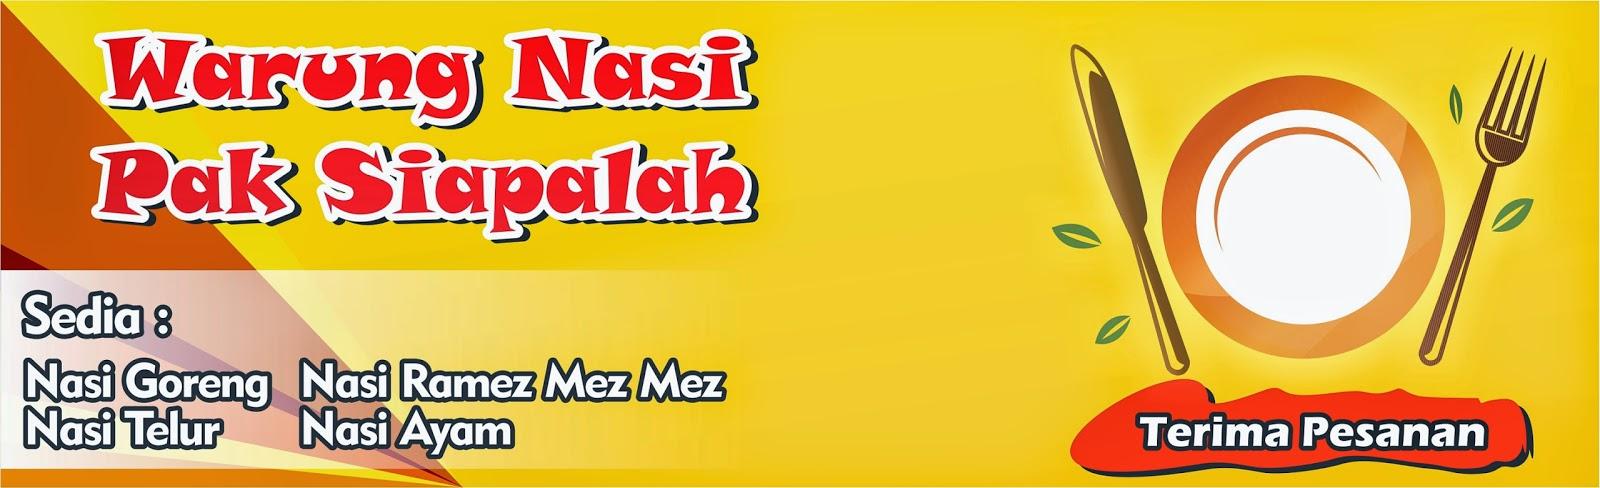 Template Banner Warung Makan Cdr - Contoh Banner